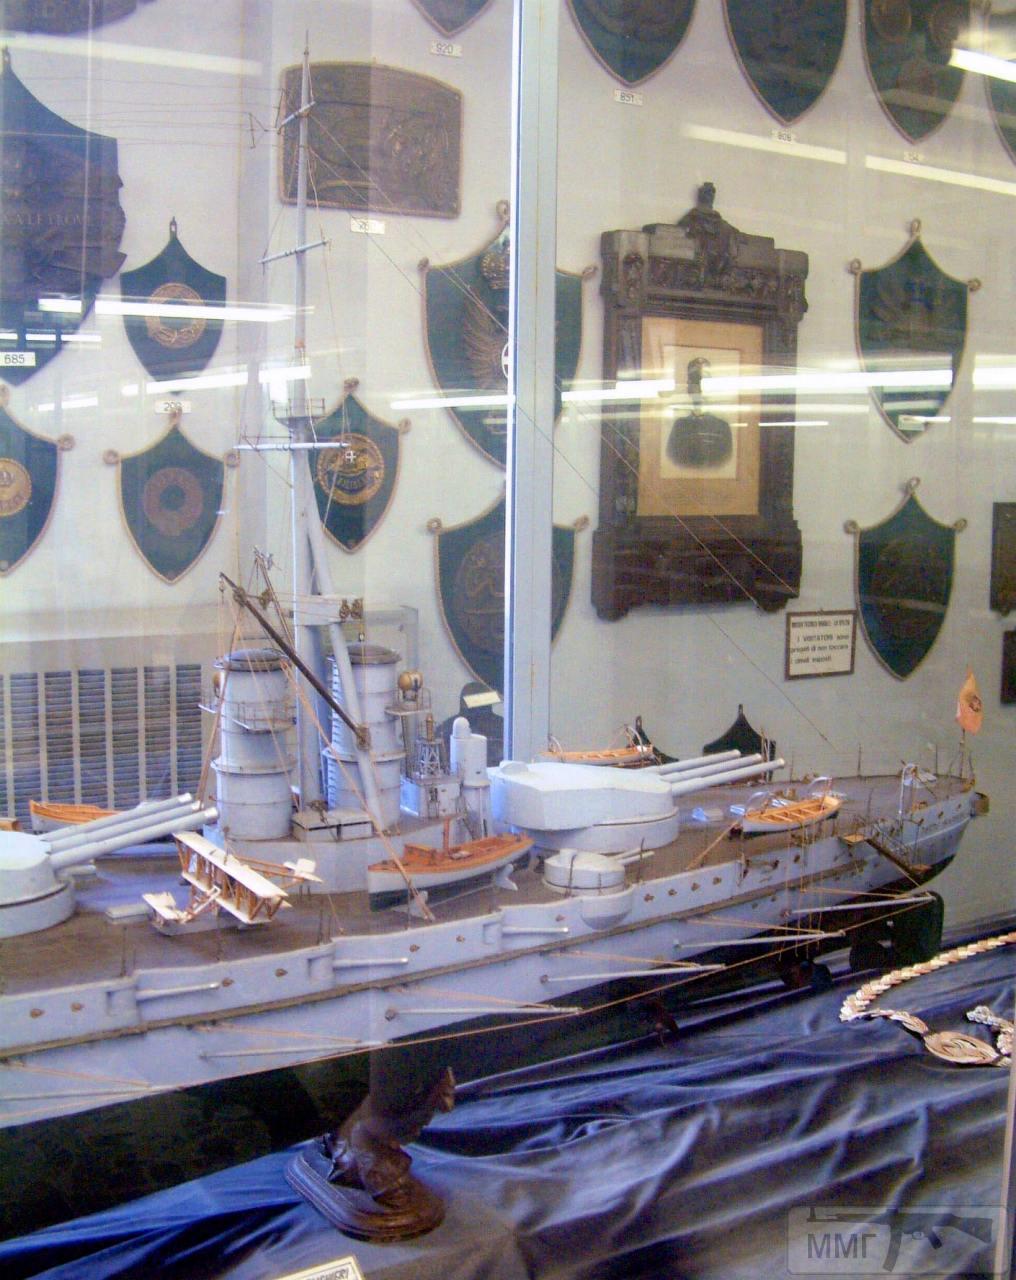 """76049 - Модель линкора """"Данте Алигьери"""" в Музее военно-морской техники в Специи."""